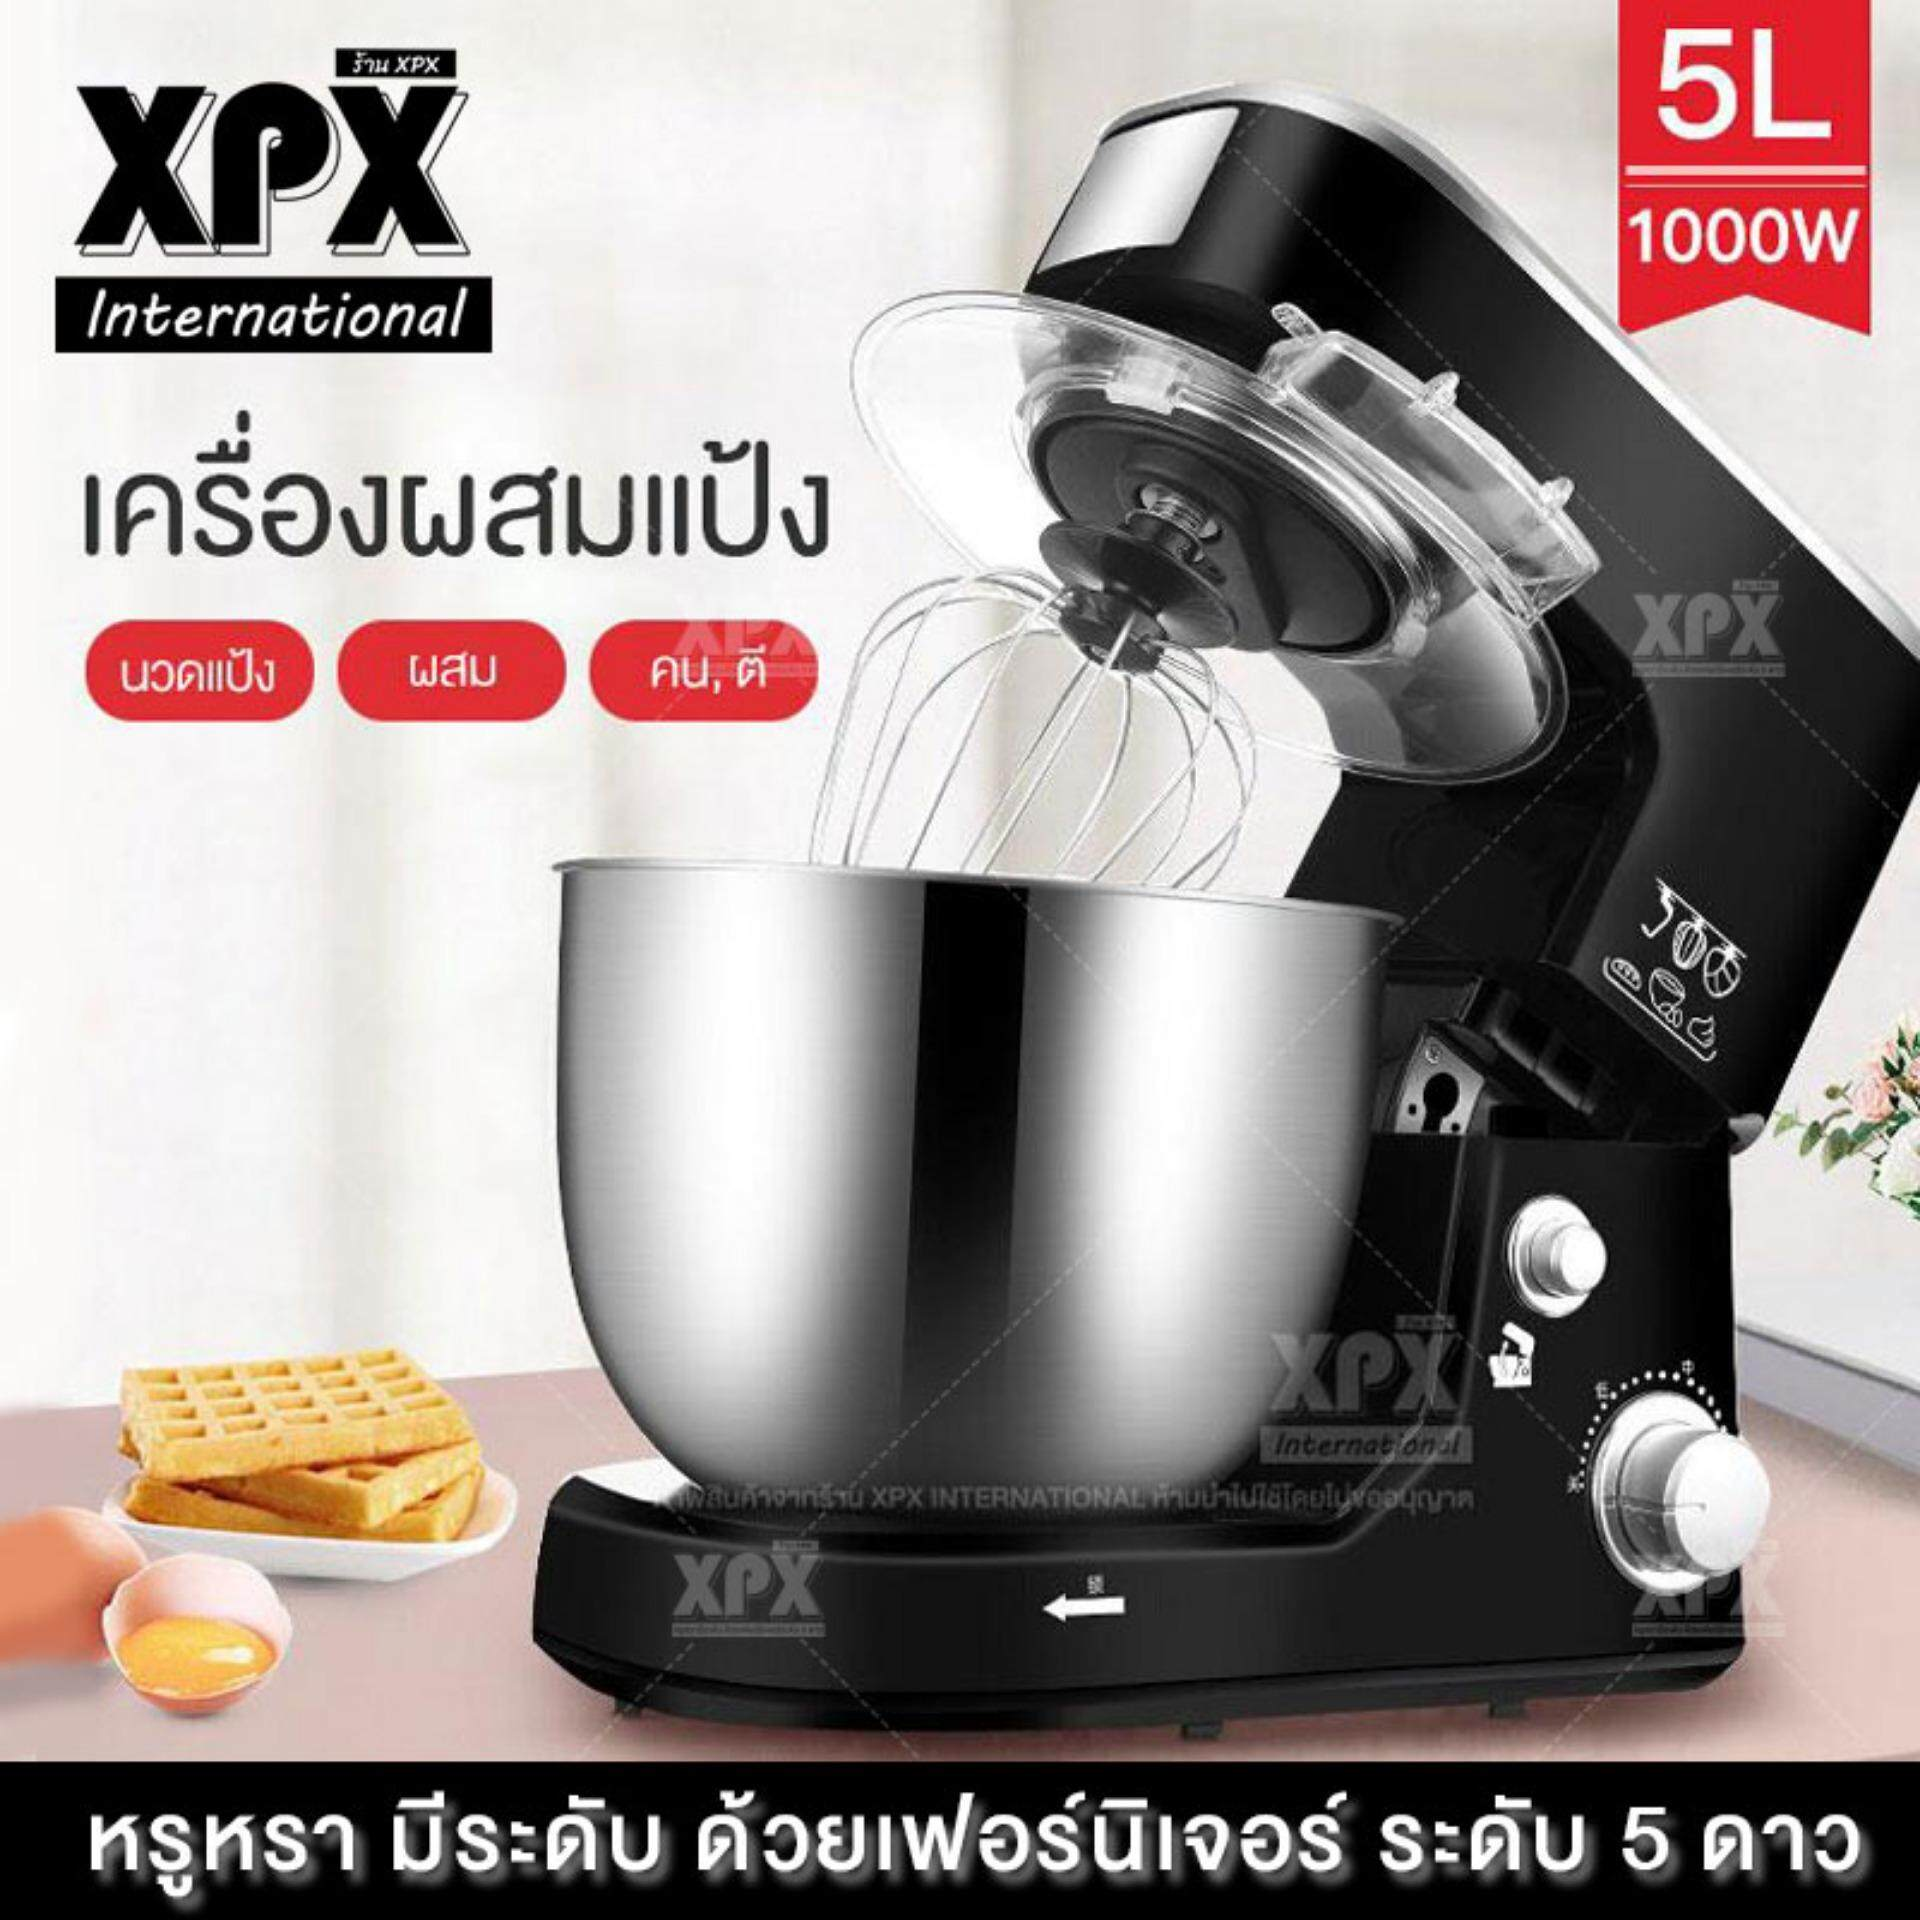 XPX เครื่องผสมอาหาร แบบตั้งโต๊ะ เครื่องตีแป้ง เครื่องผสมอเนกประสงค์ โถสแตนเลส 5 ลิตร  1000 วัตต์ JD71